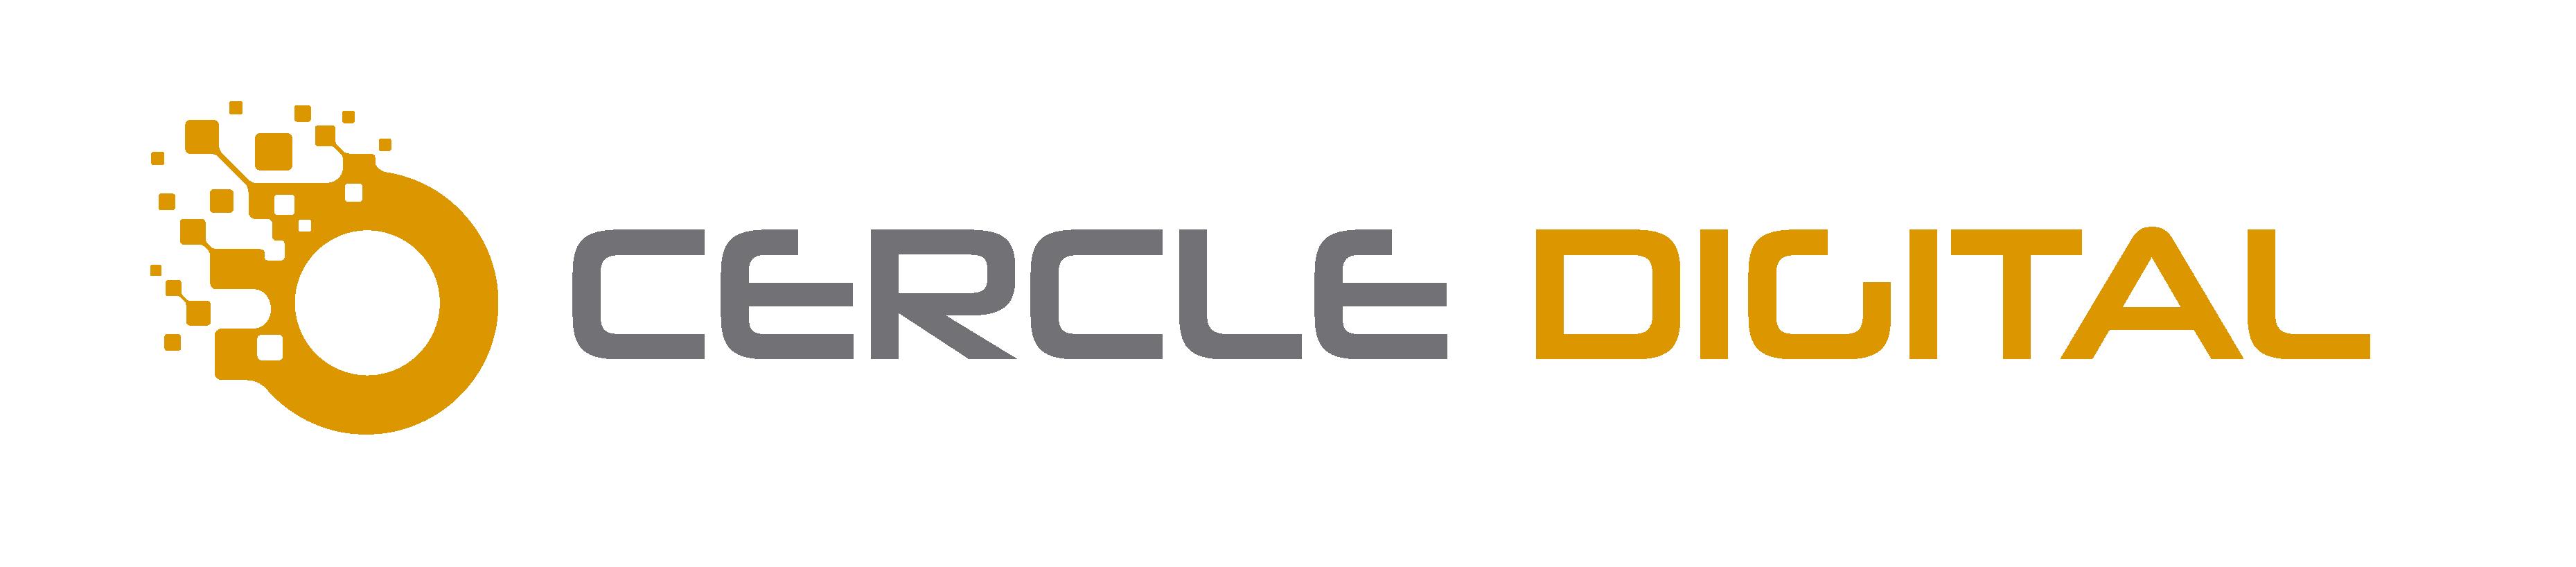 Cercle Digital – Tu agencia de desarrollo web y marketing en Lleida